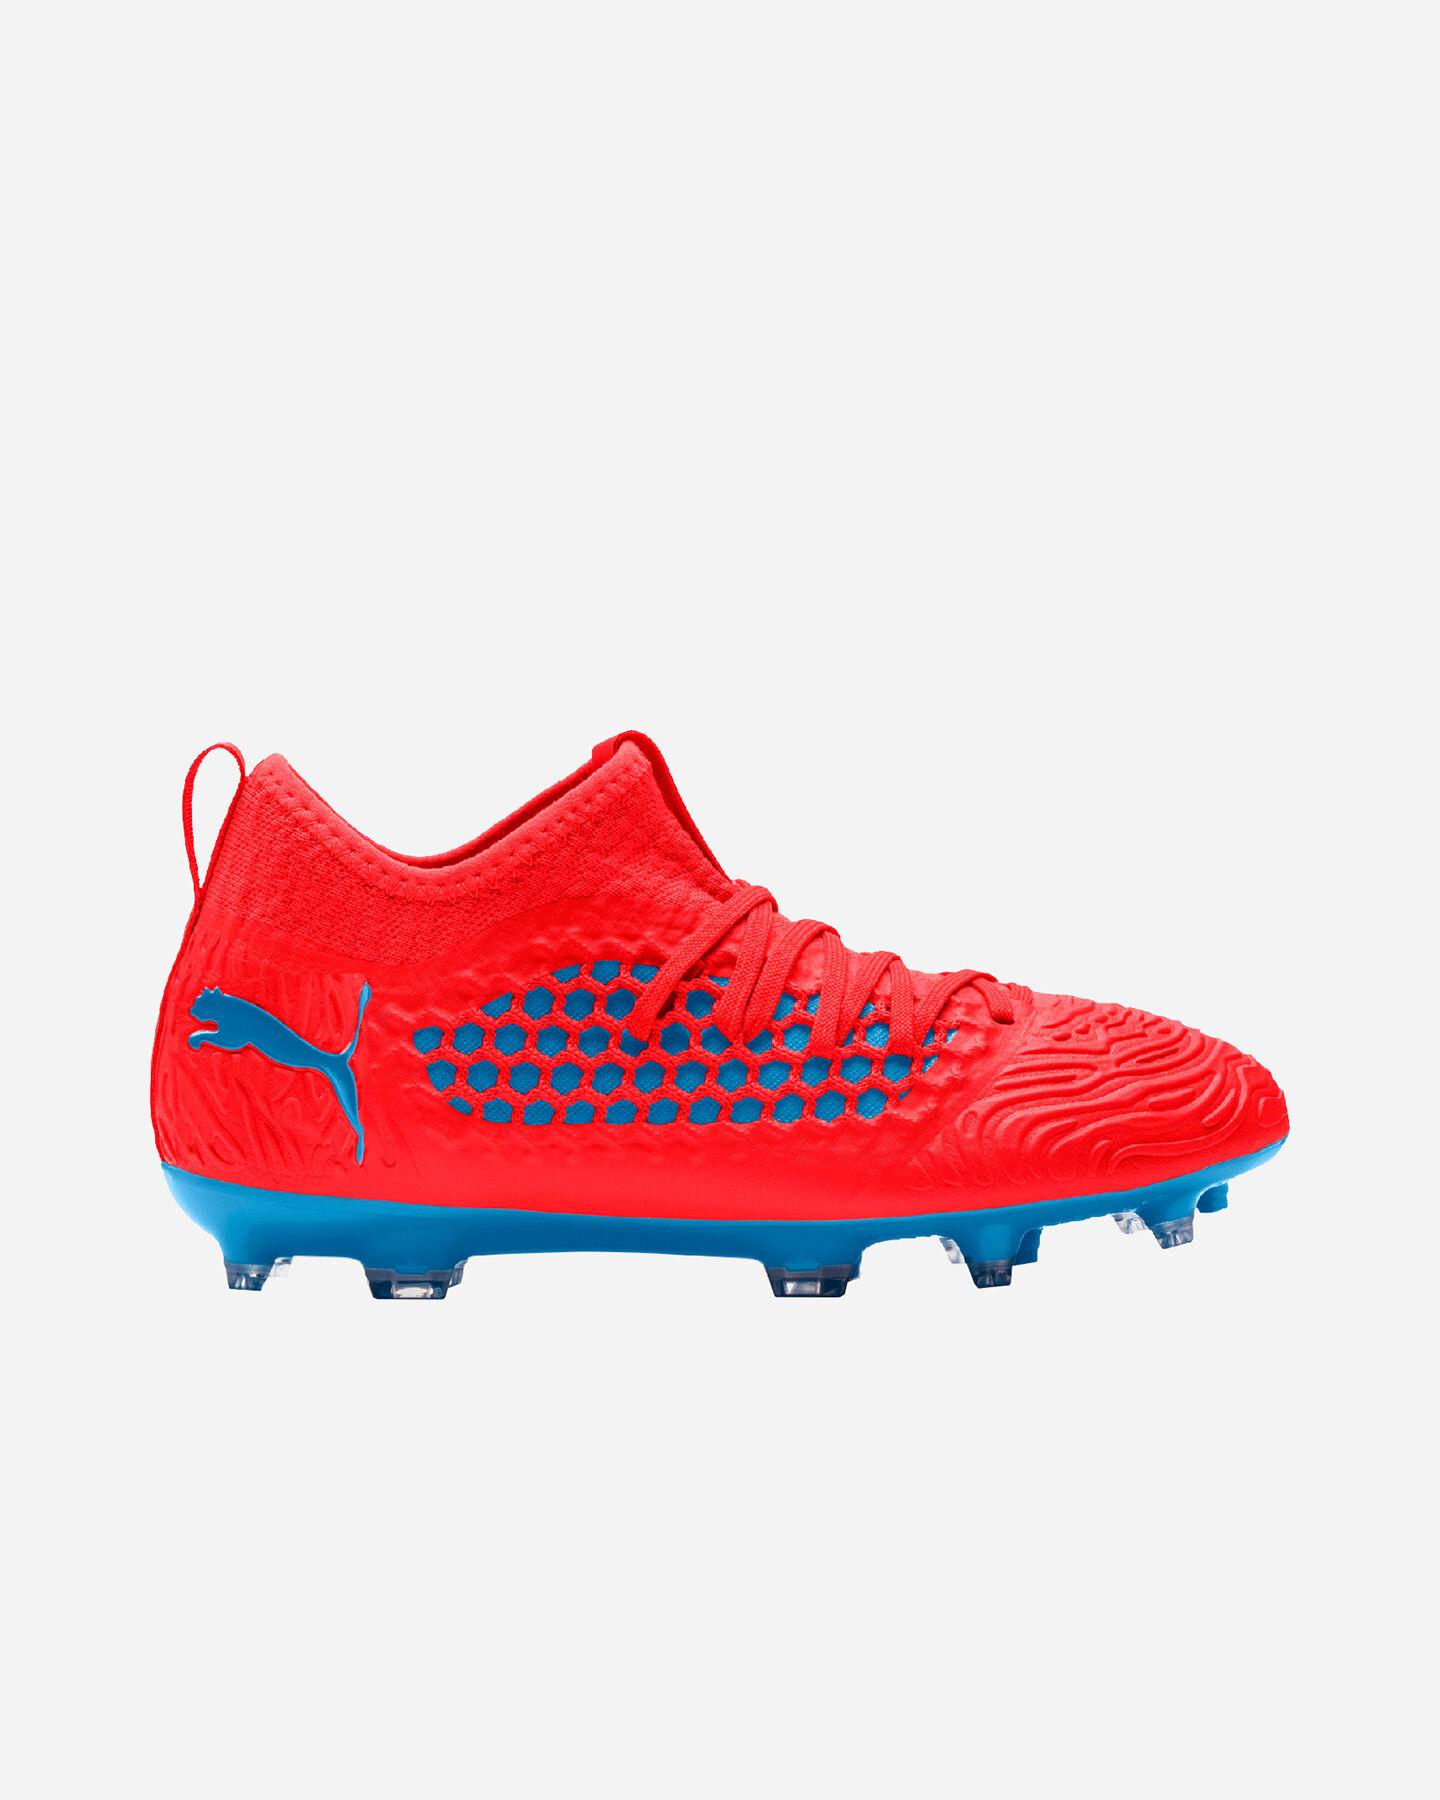 Il miglior posto Raccogliere grandi affari sulla moda scarpe da calcio di cristiano ronaldo rosse